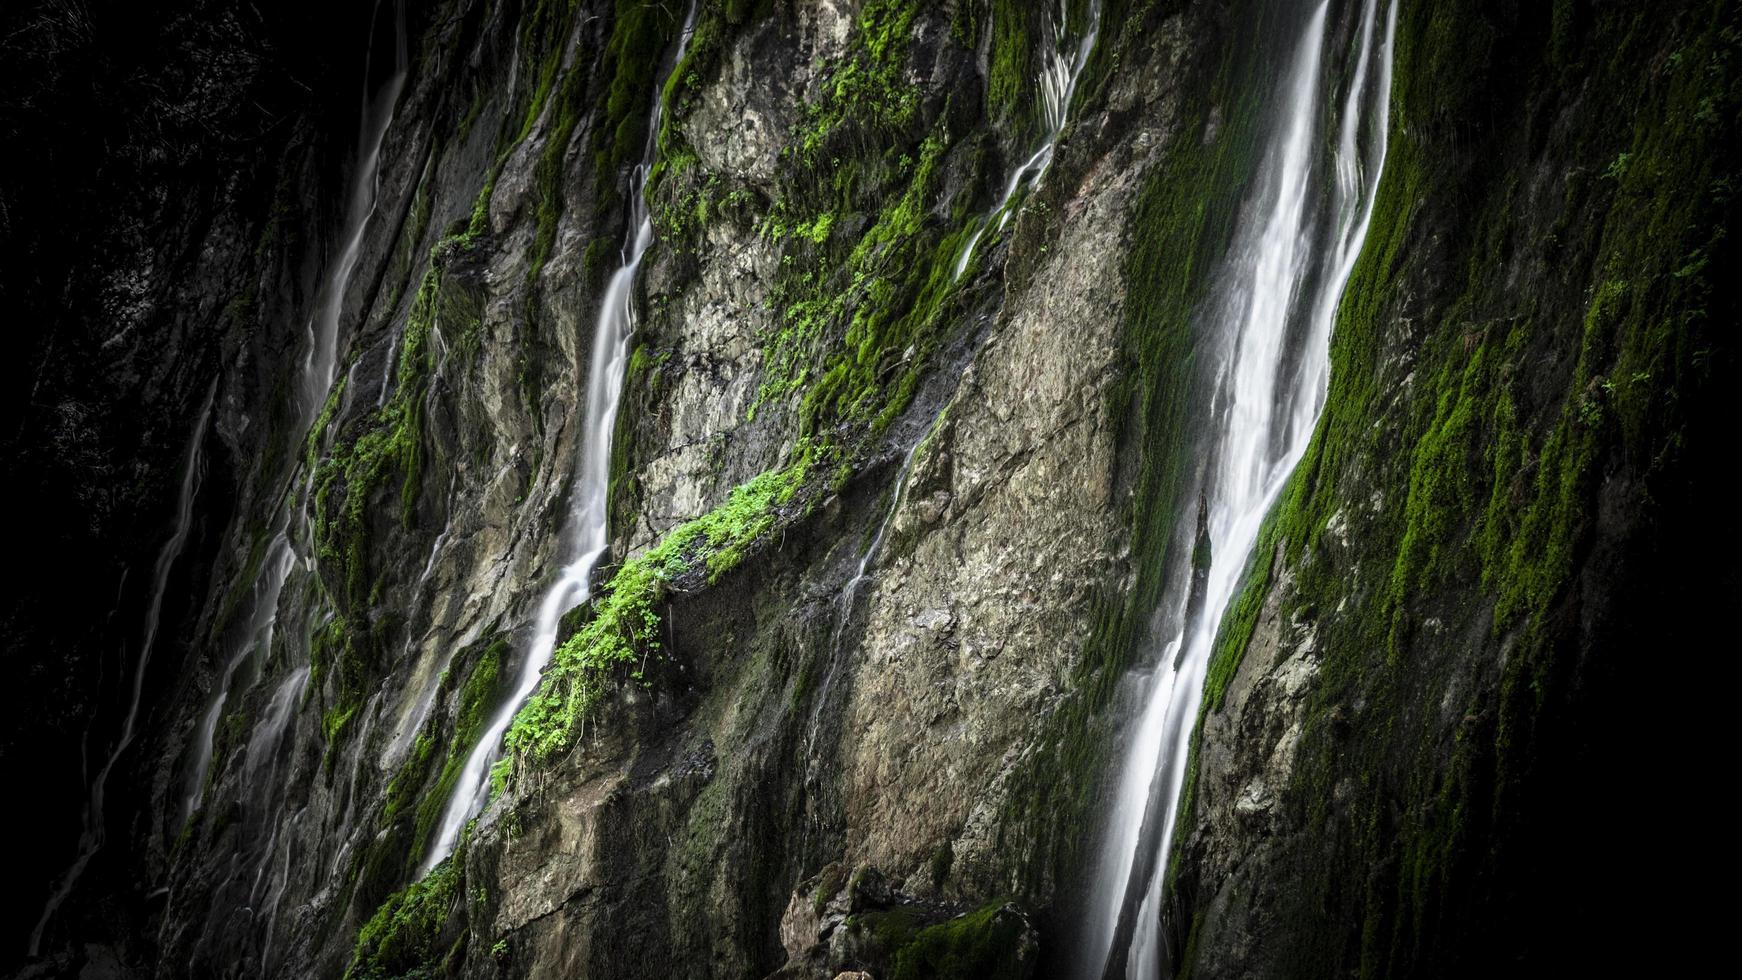 photographie time-lapse de cascades photo